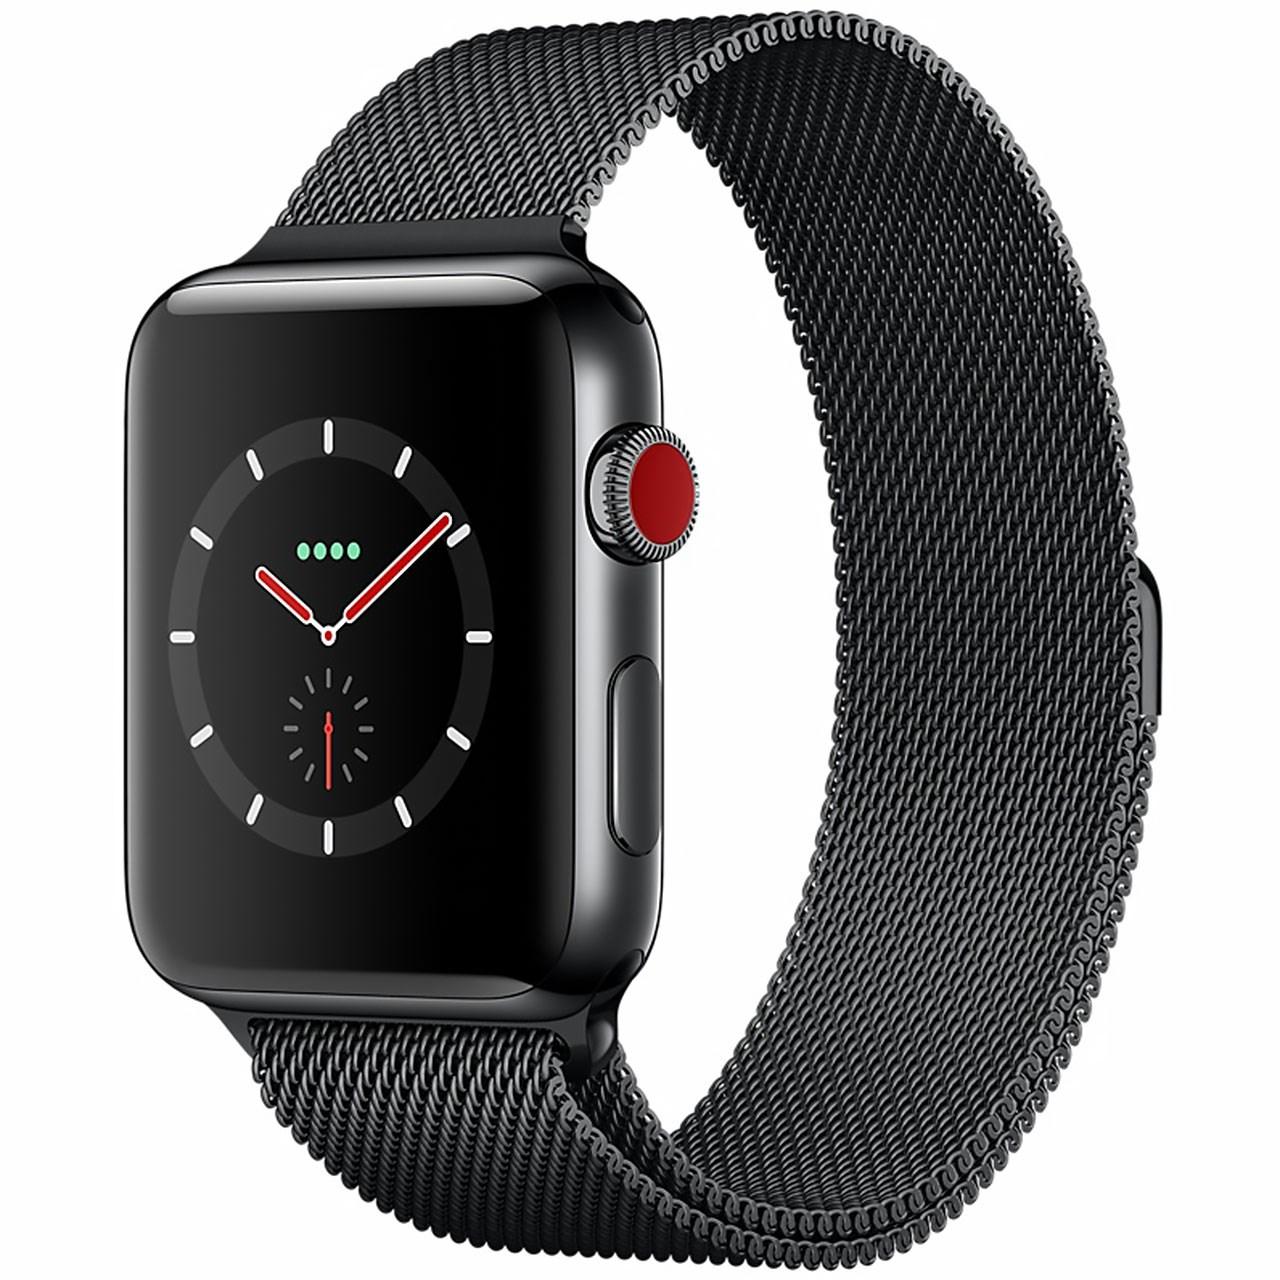 ساعت هوشمند اپل واچ سری ۳ سلولار مدل ۴۲mm Space Black Stainless Steel Case with Space Black Milanese Loop